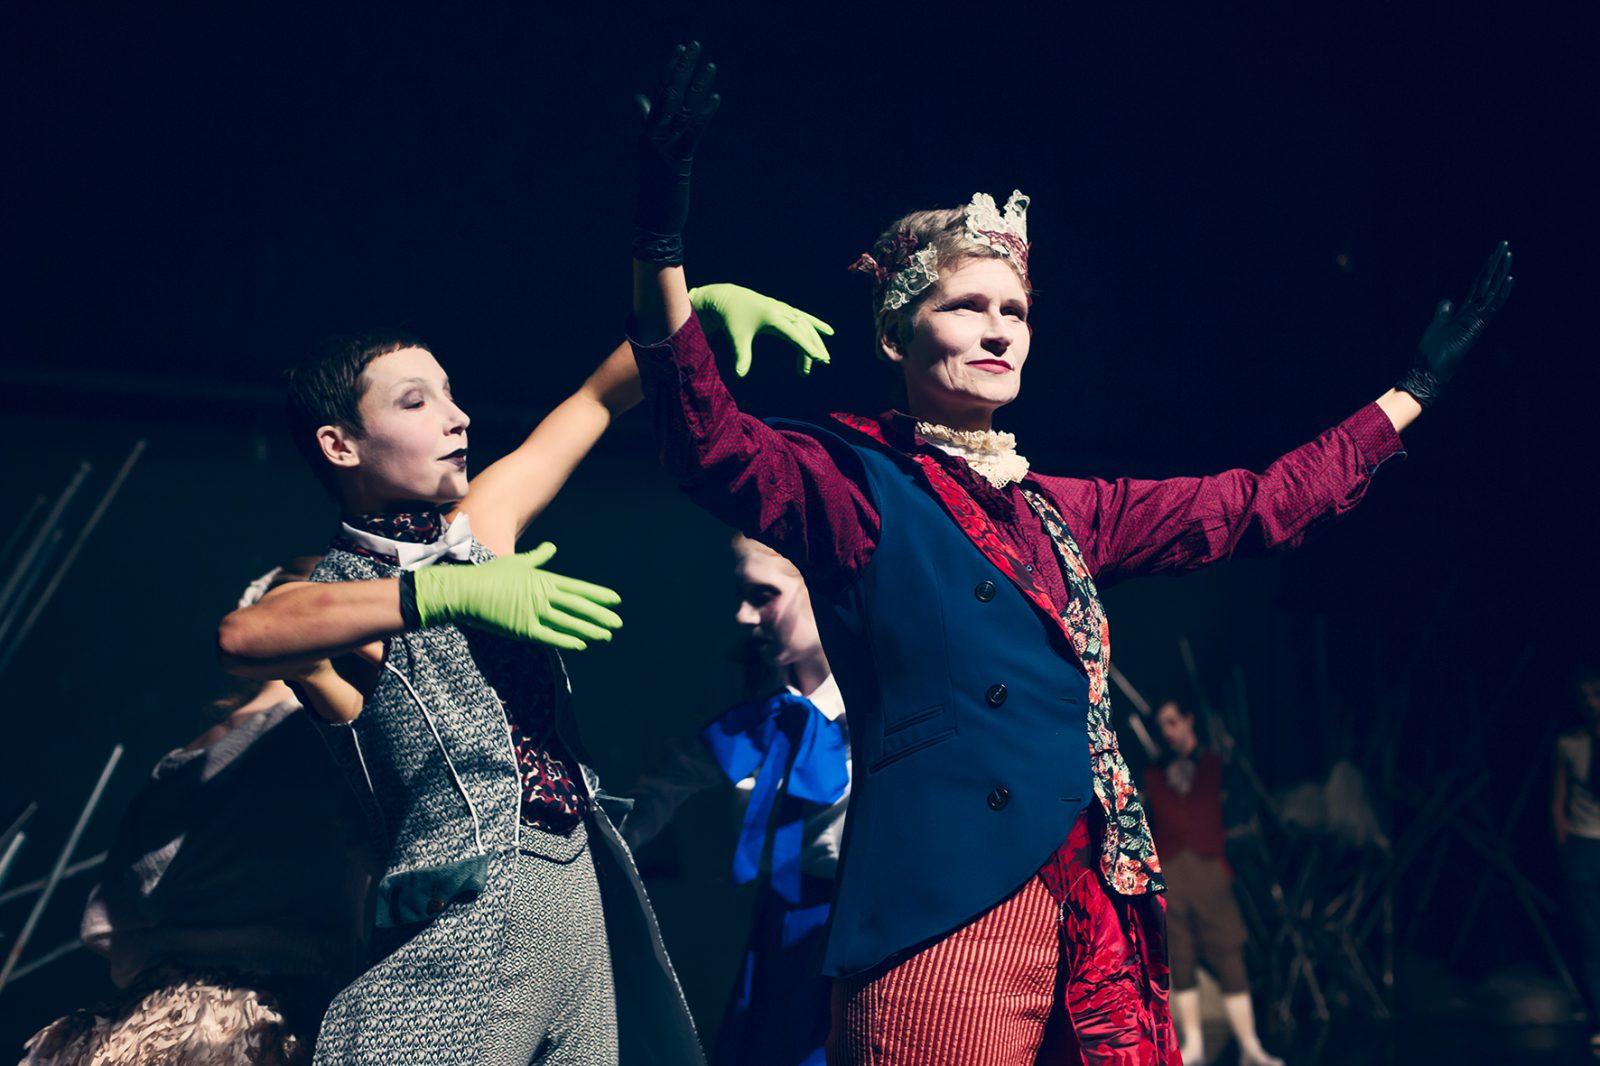 eine Tänzerin mit Armen u. eine andere Tänzerin